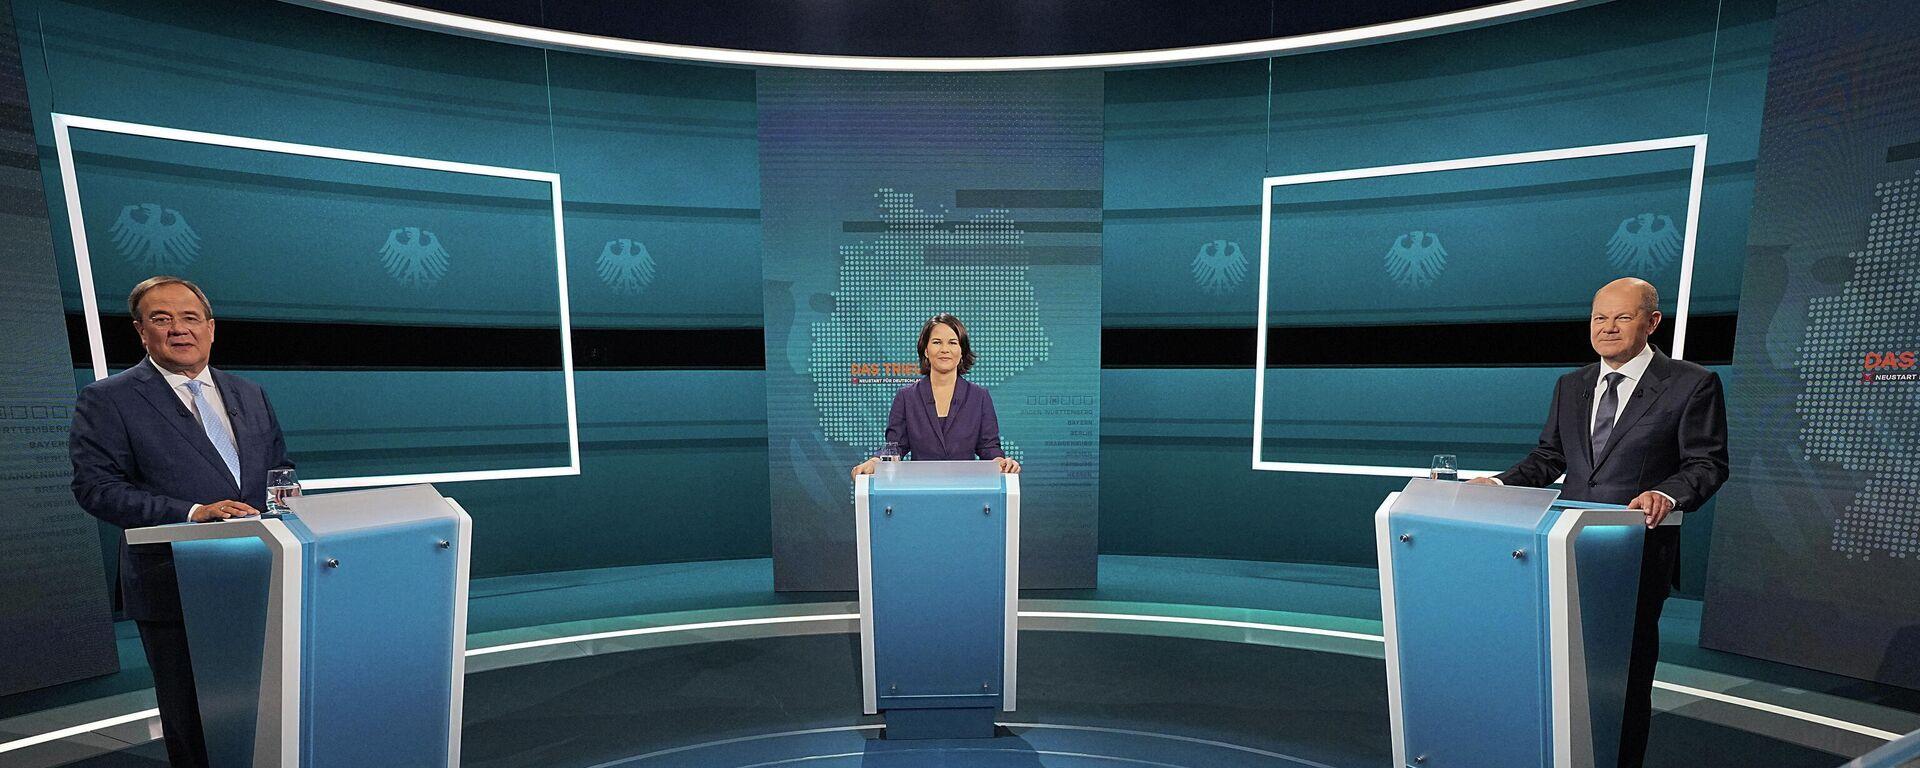 Die TV-Debatte der Kanzlerkandidaten von der Union der SPD und den Grünen bei RTL und ntv am 29.08.21 - SNA, 1920, 30.08.2021